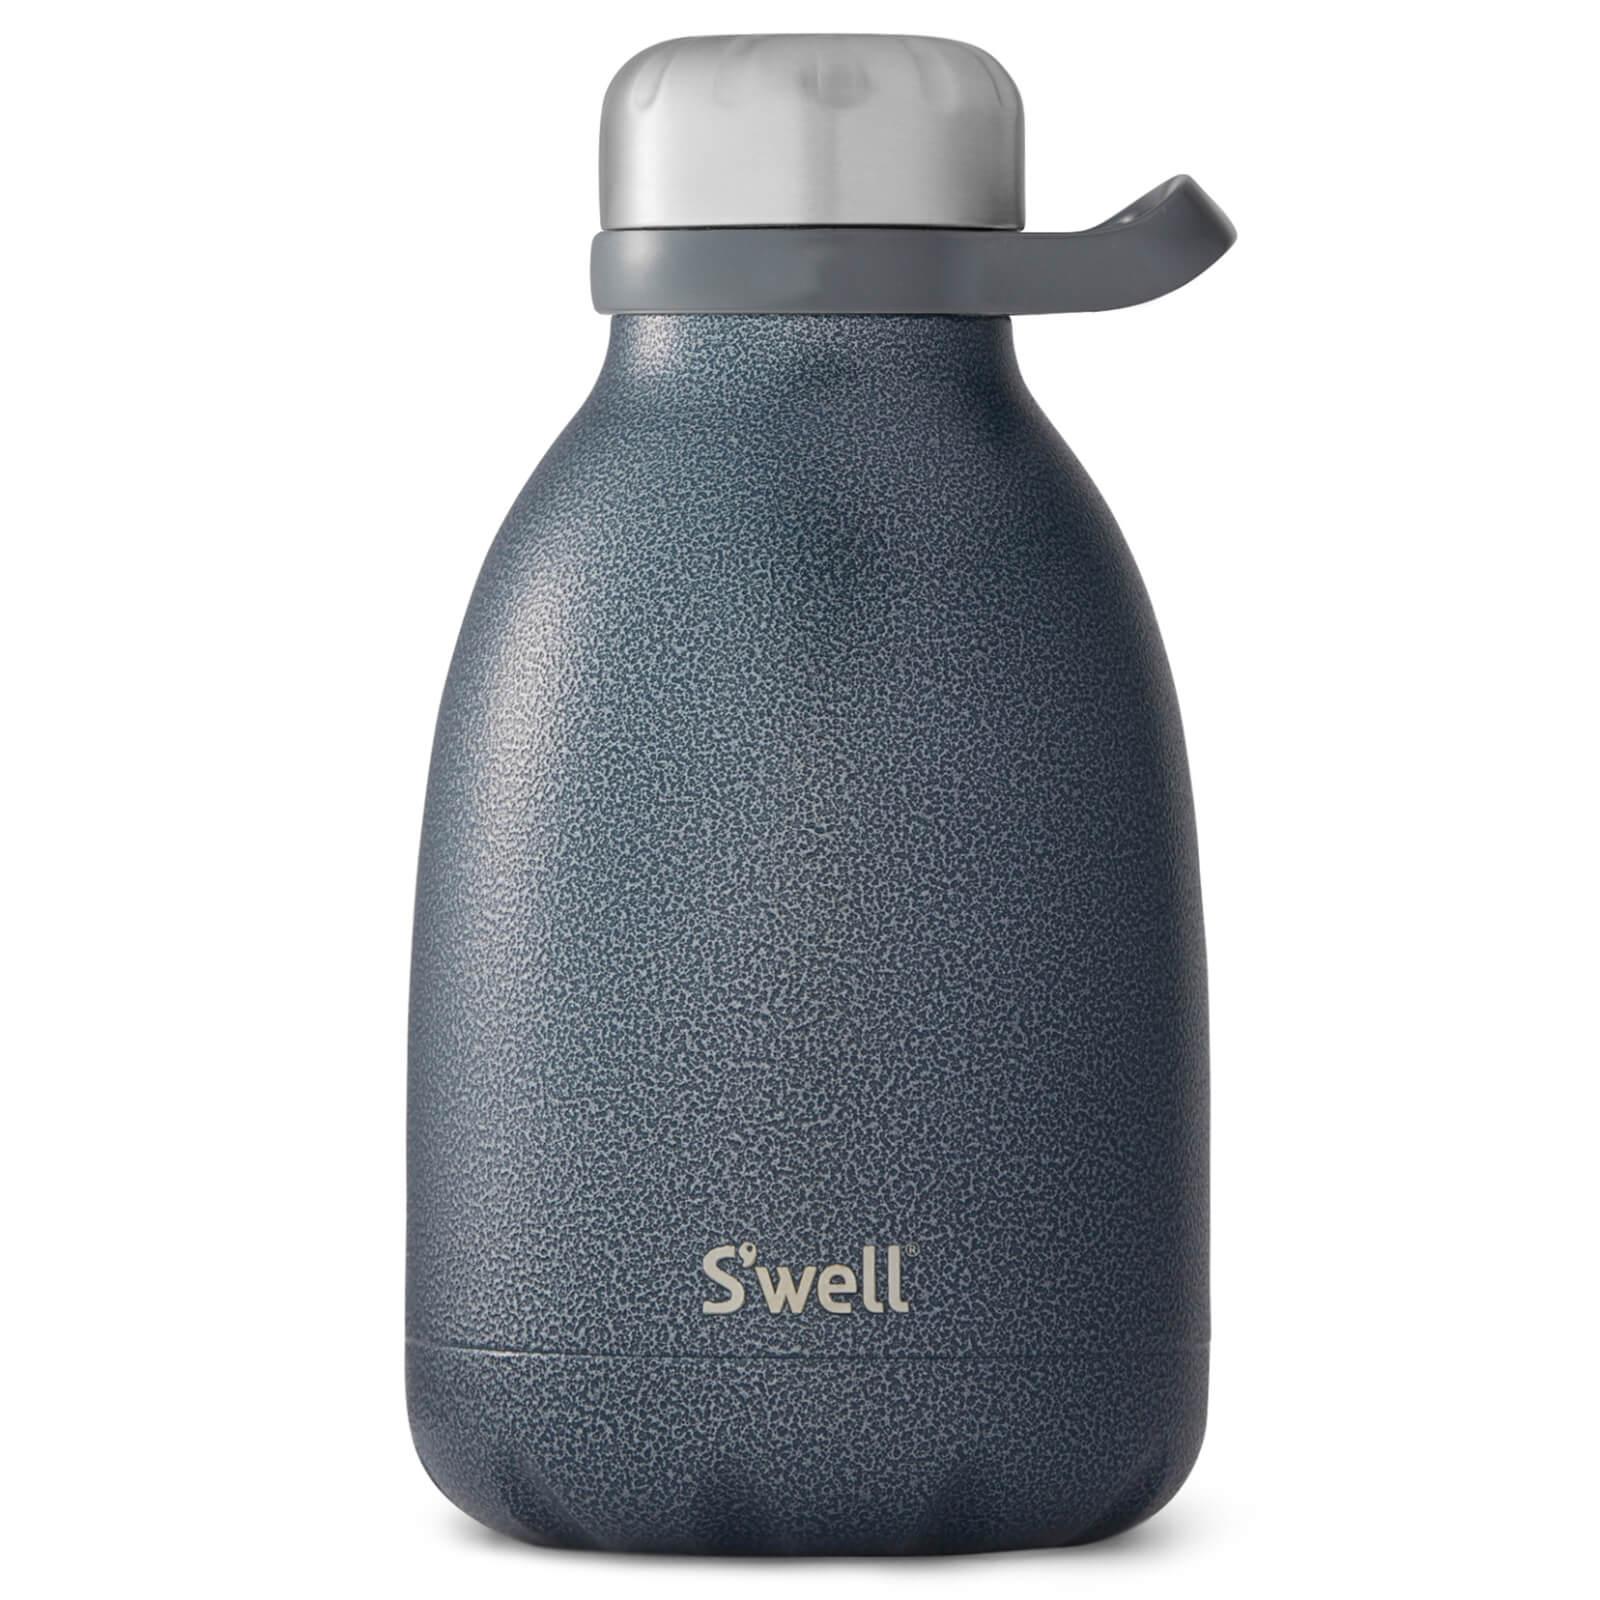 S'well 夜空漫游者 1.1升 保温水瓶